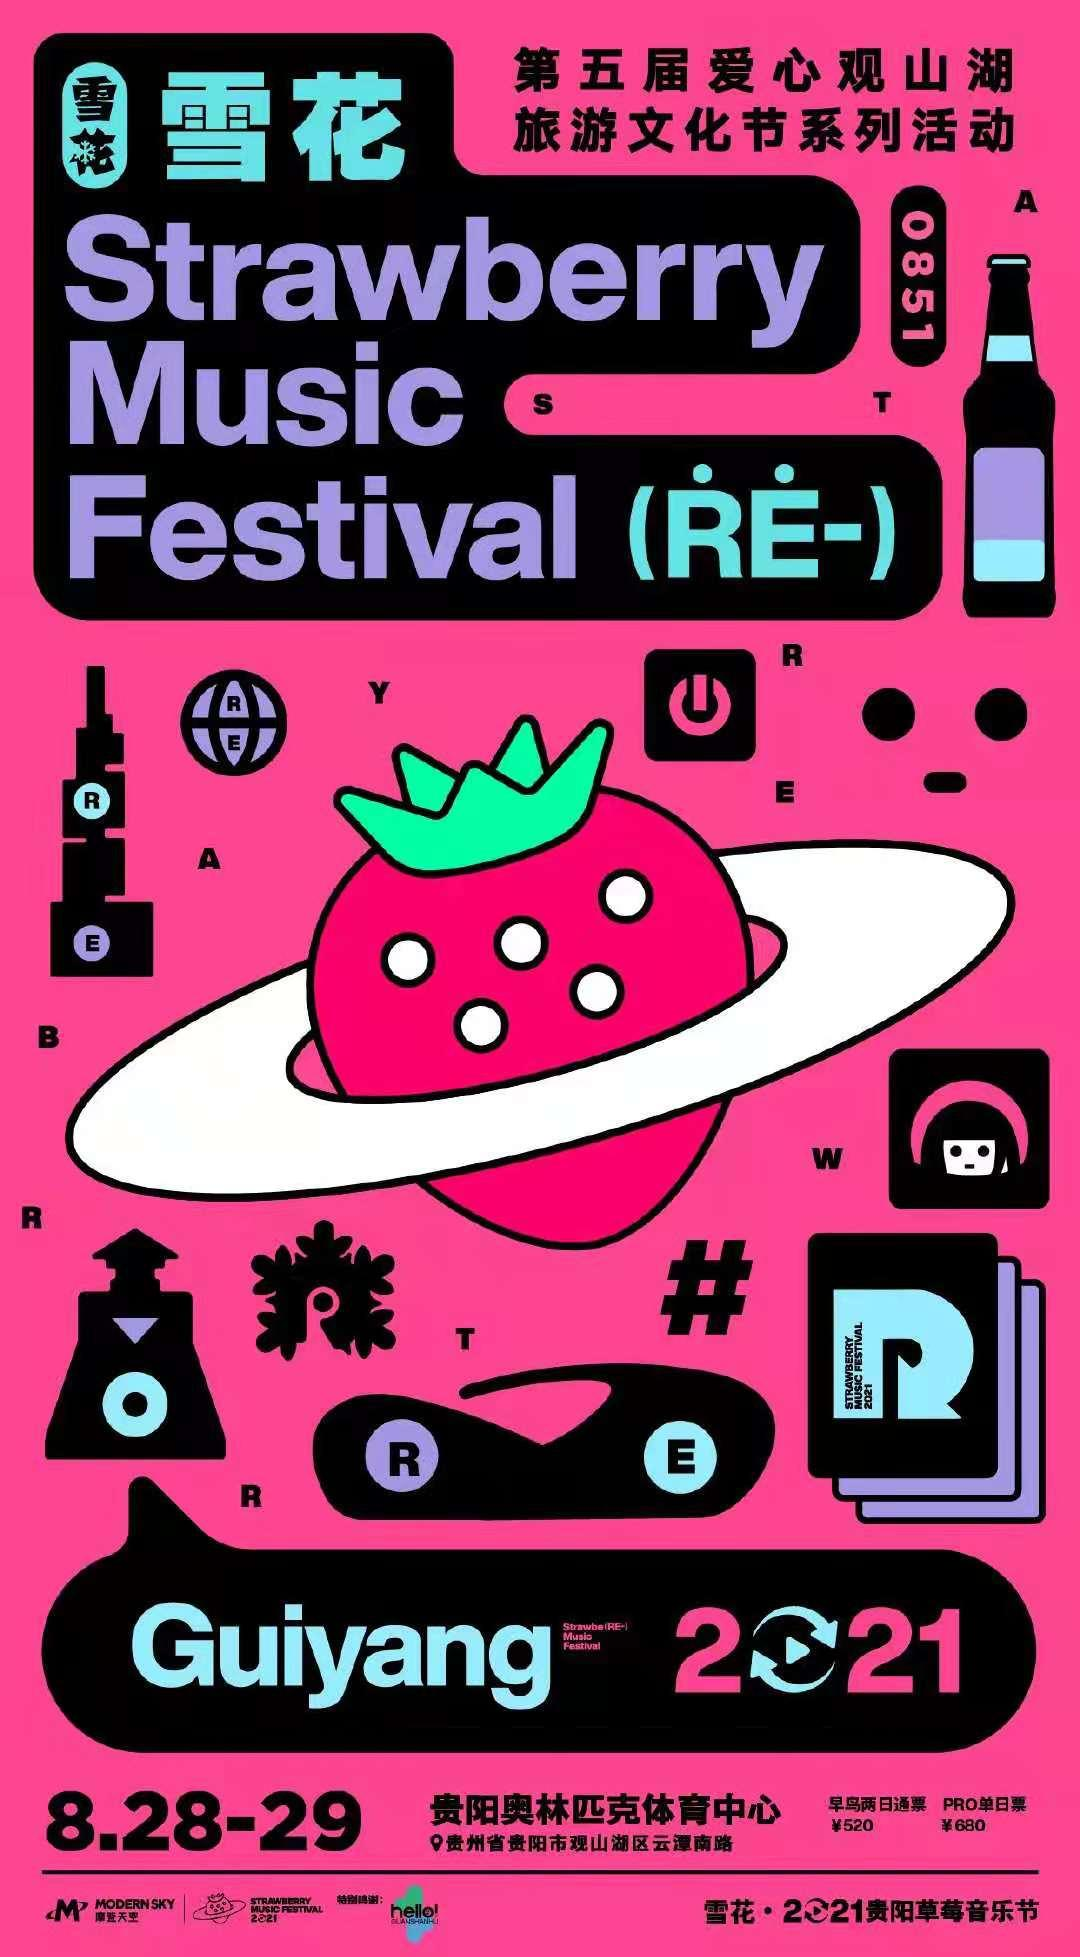 2021贵阳草莓音乐节【电子票】